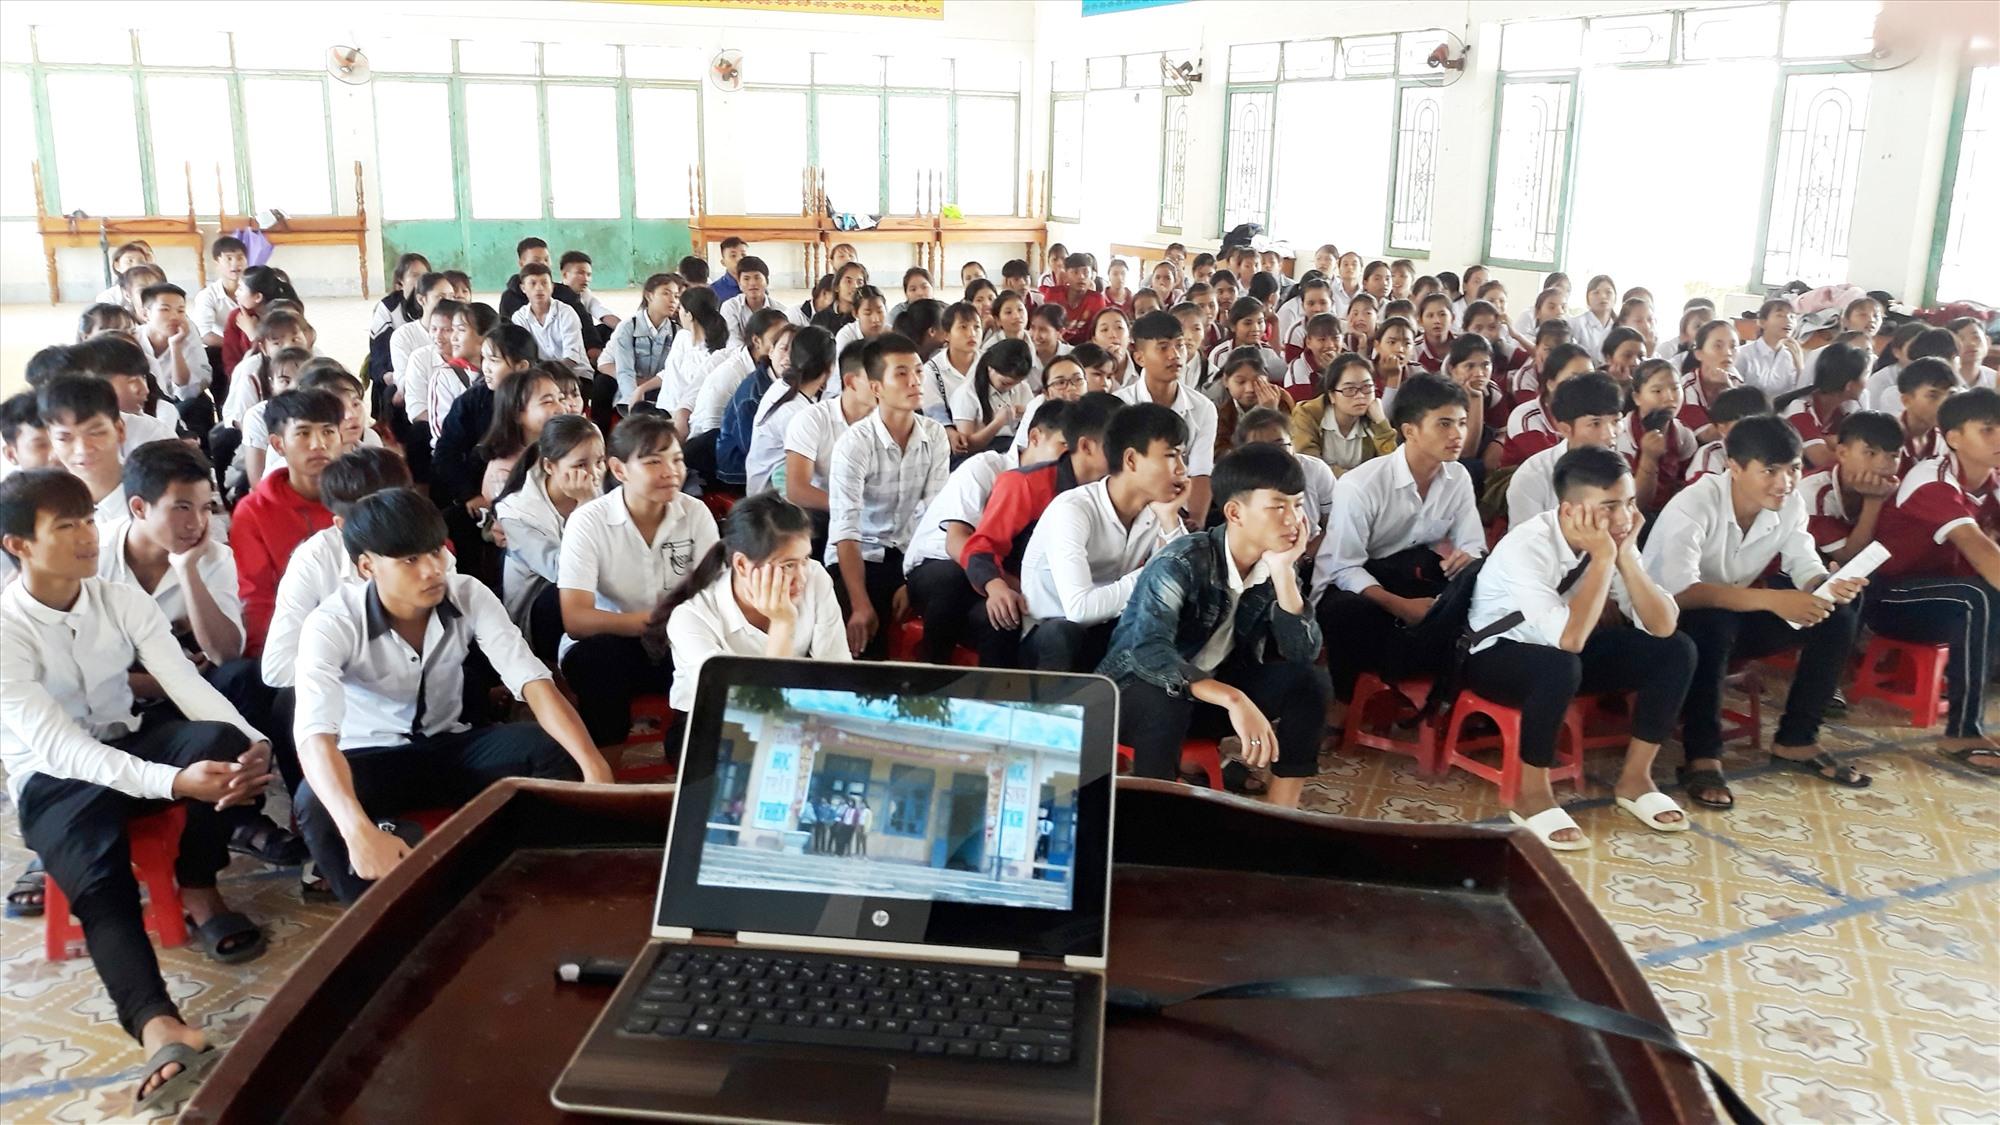 Hằng năm, huyện Bắc Trà My luôn quan tâm đến công tác định hướng giáo dục nghề nghiệp trong học sinh THPT trên địa bàn. Ảnh: TRÀ MY